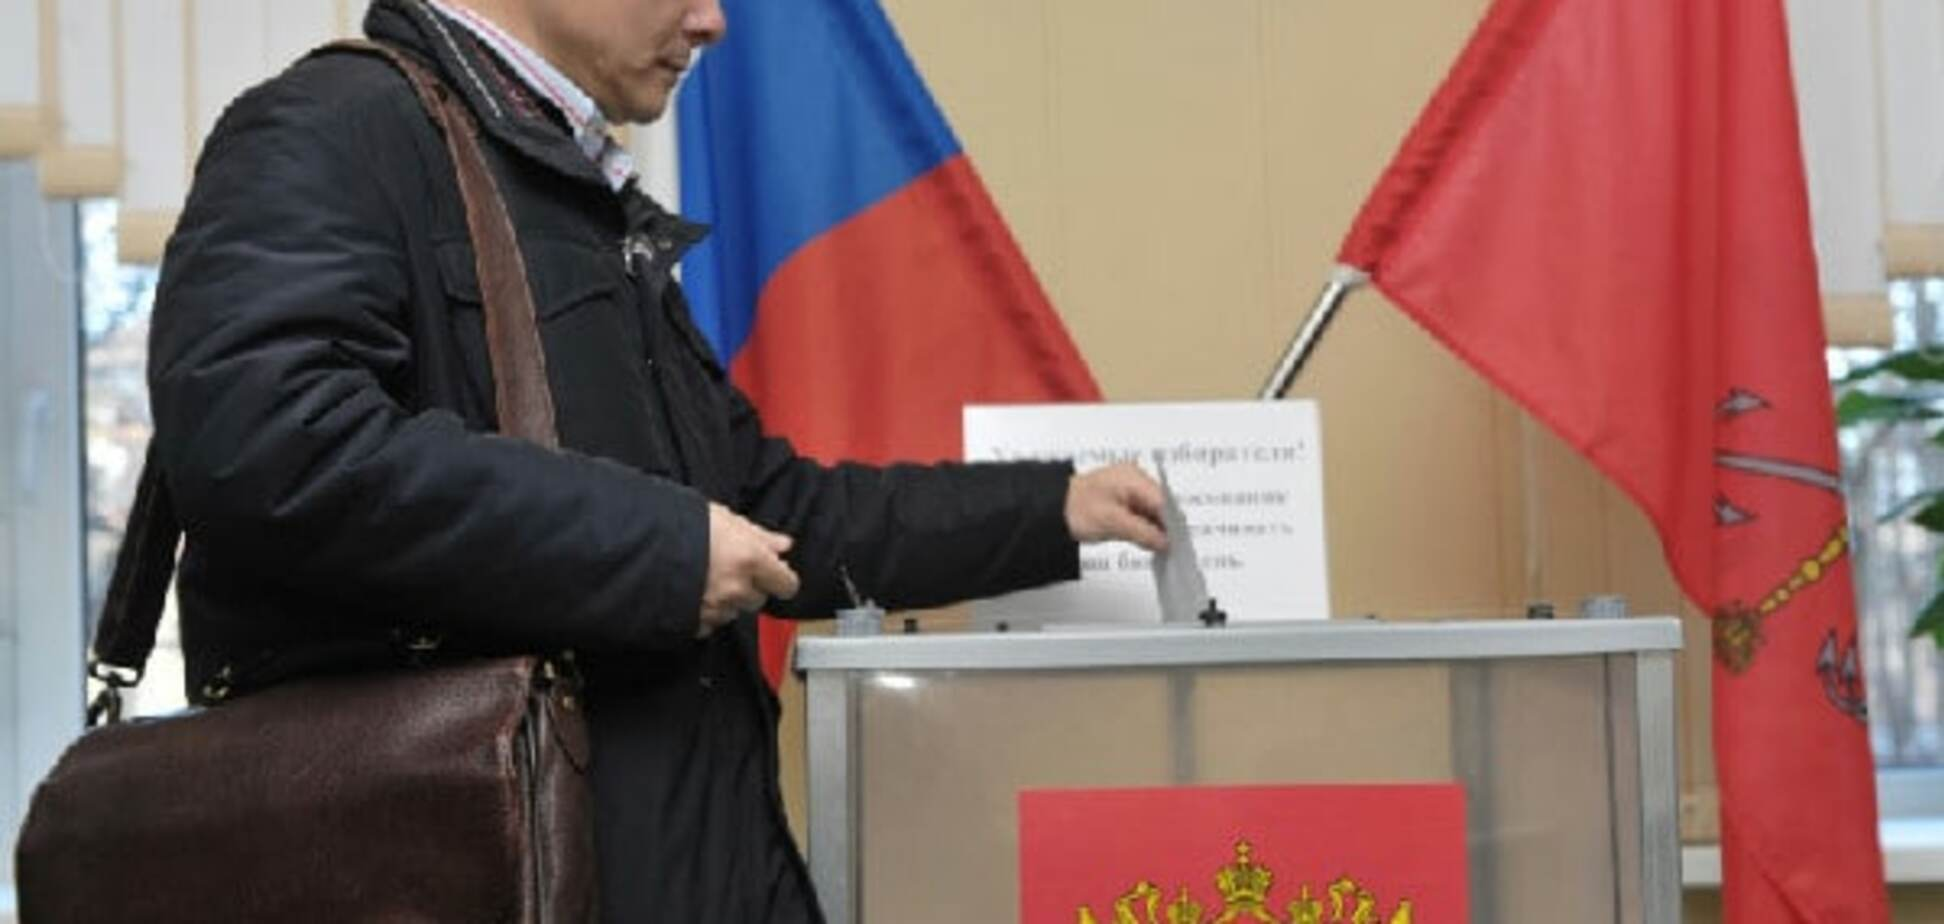 Медведи с водкой: СМИ опубликовали ТОП-5 курьезов на выборах в России